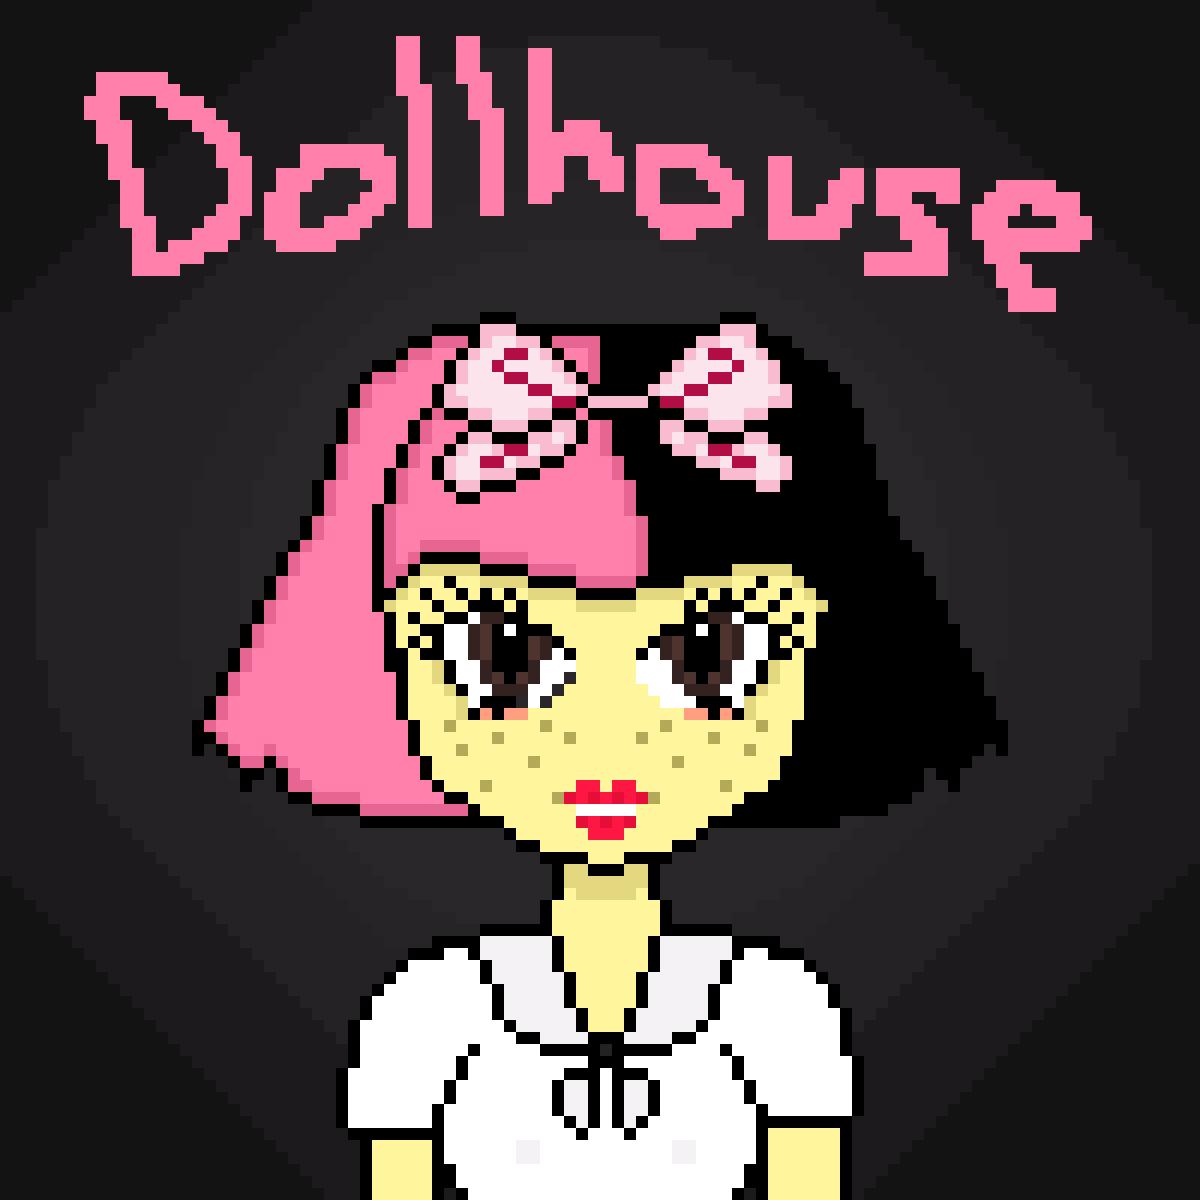 Pixilart Dollhouse Melanie Martinez Art By Anonymous